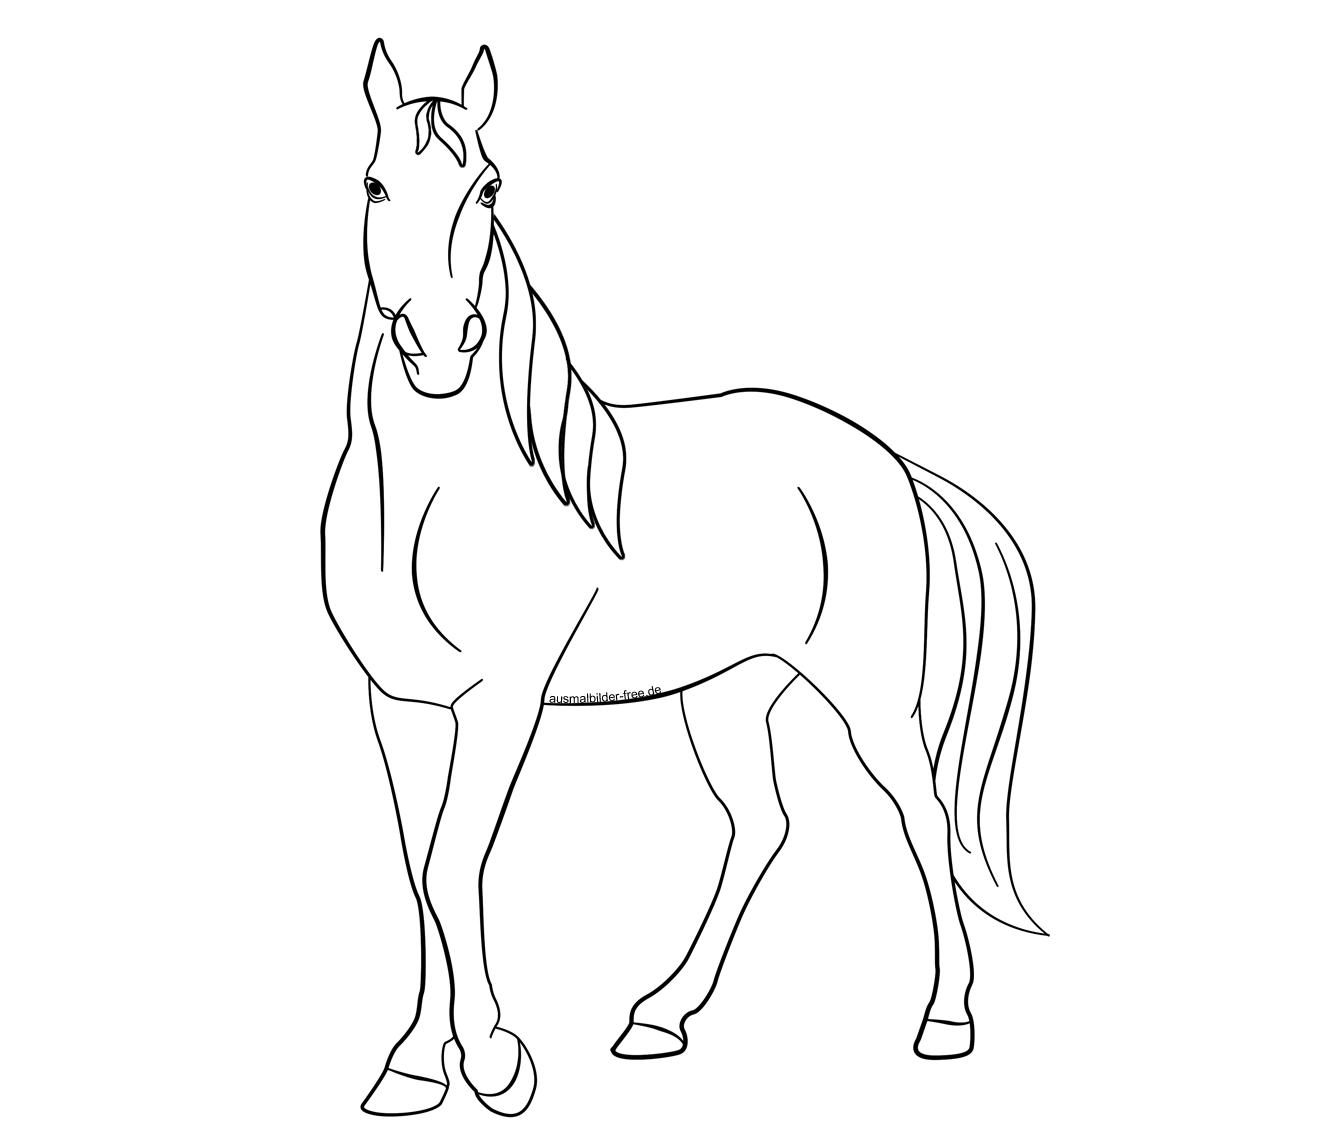 ausmalbilder-tiere-pferd-pferde-gaul-ackergaul-ponny-karikaturen